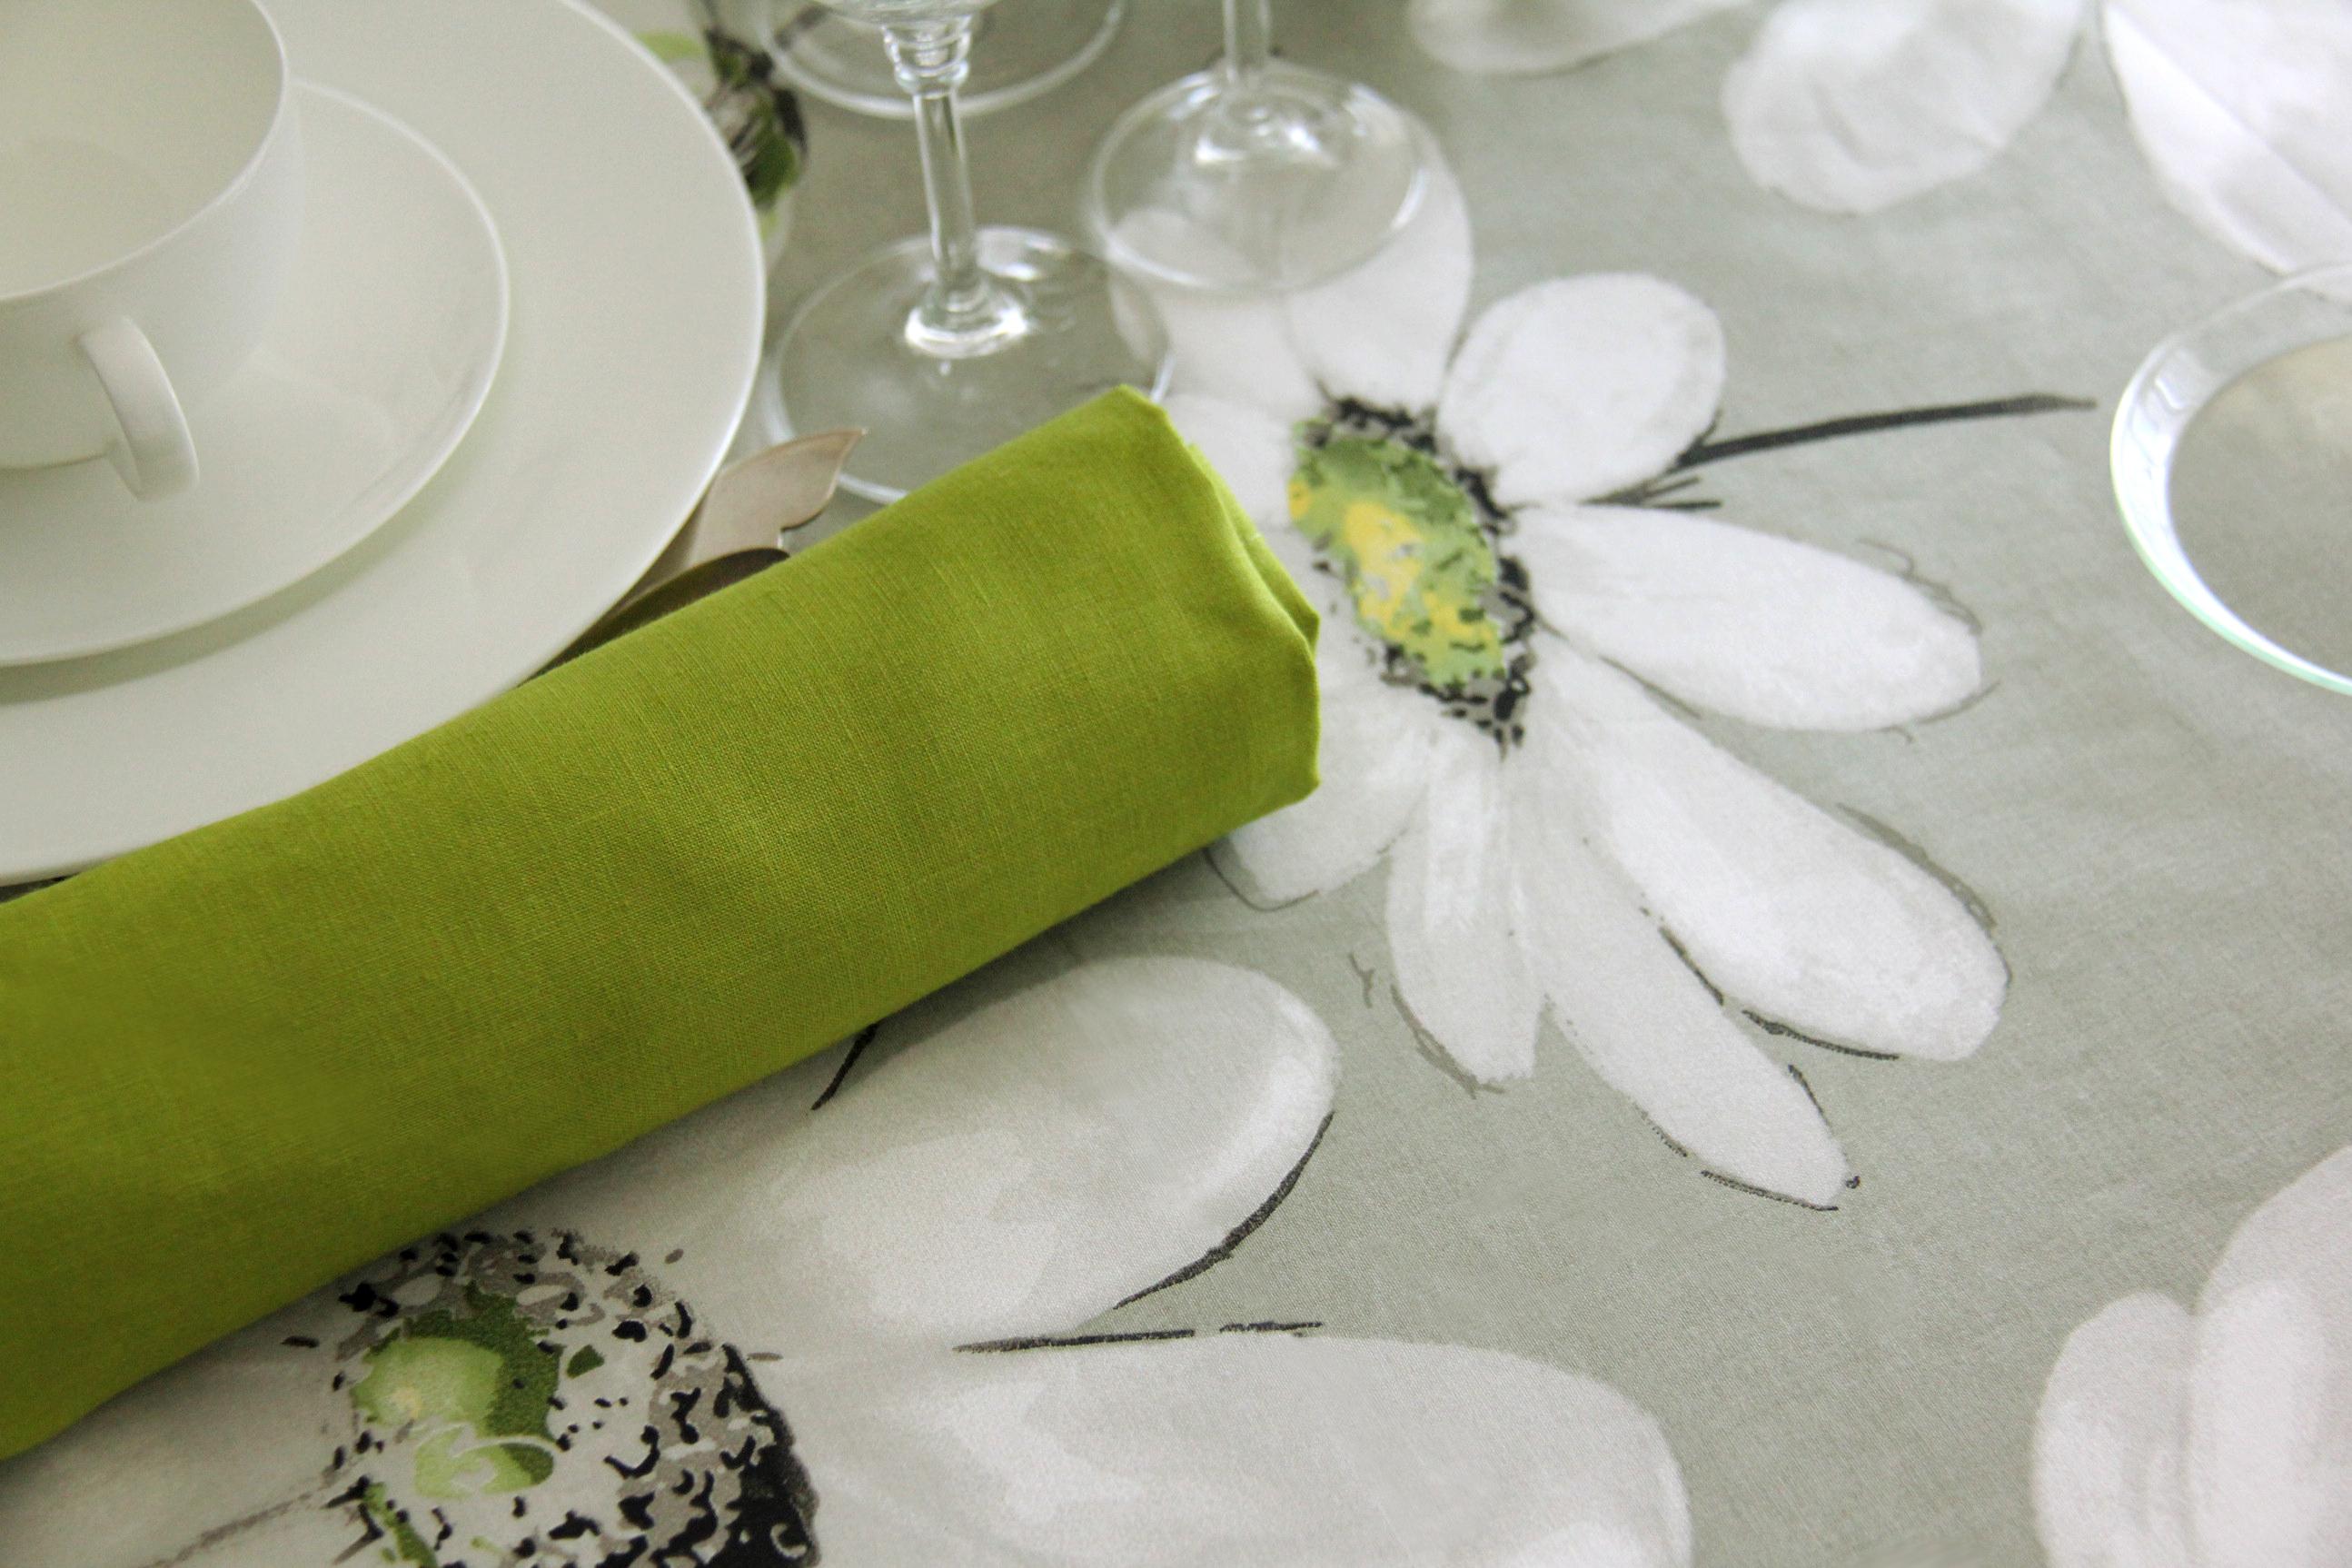 toque de color y alegría para mantel Greta Naturel, alquiler servilleta pistacho 100% lino